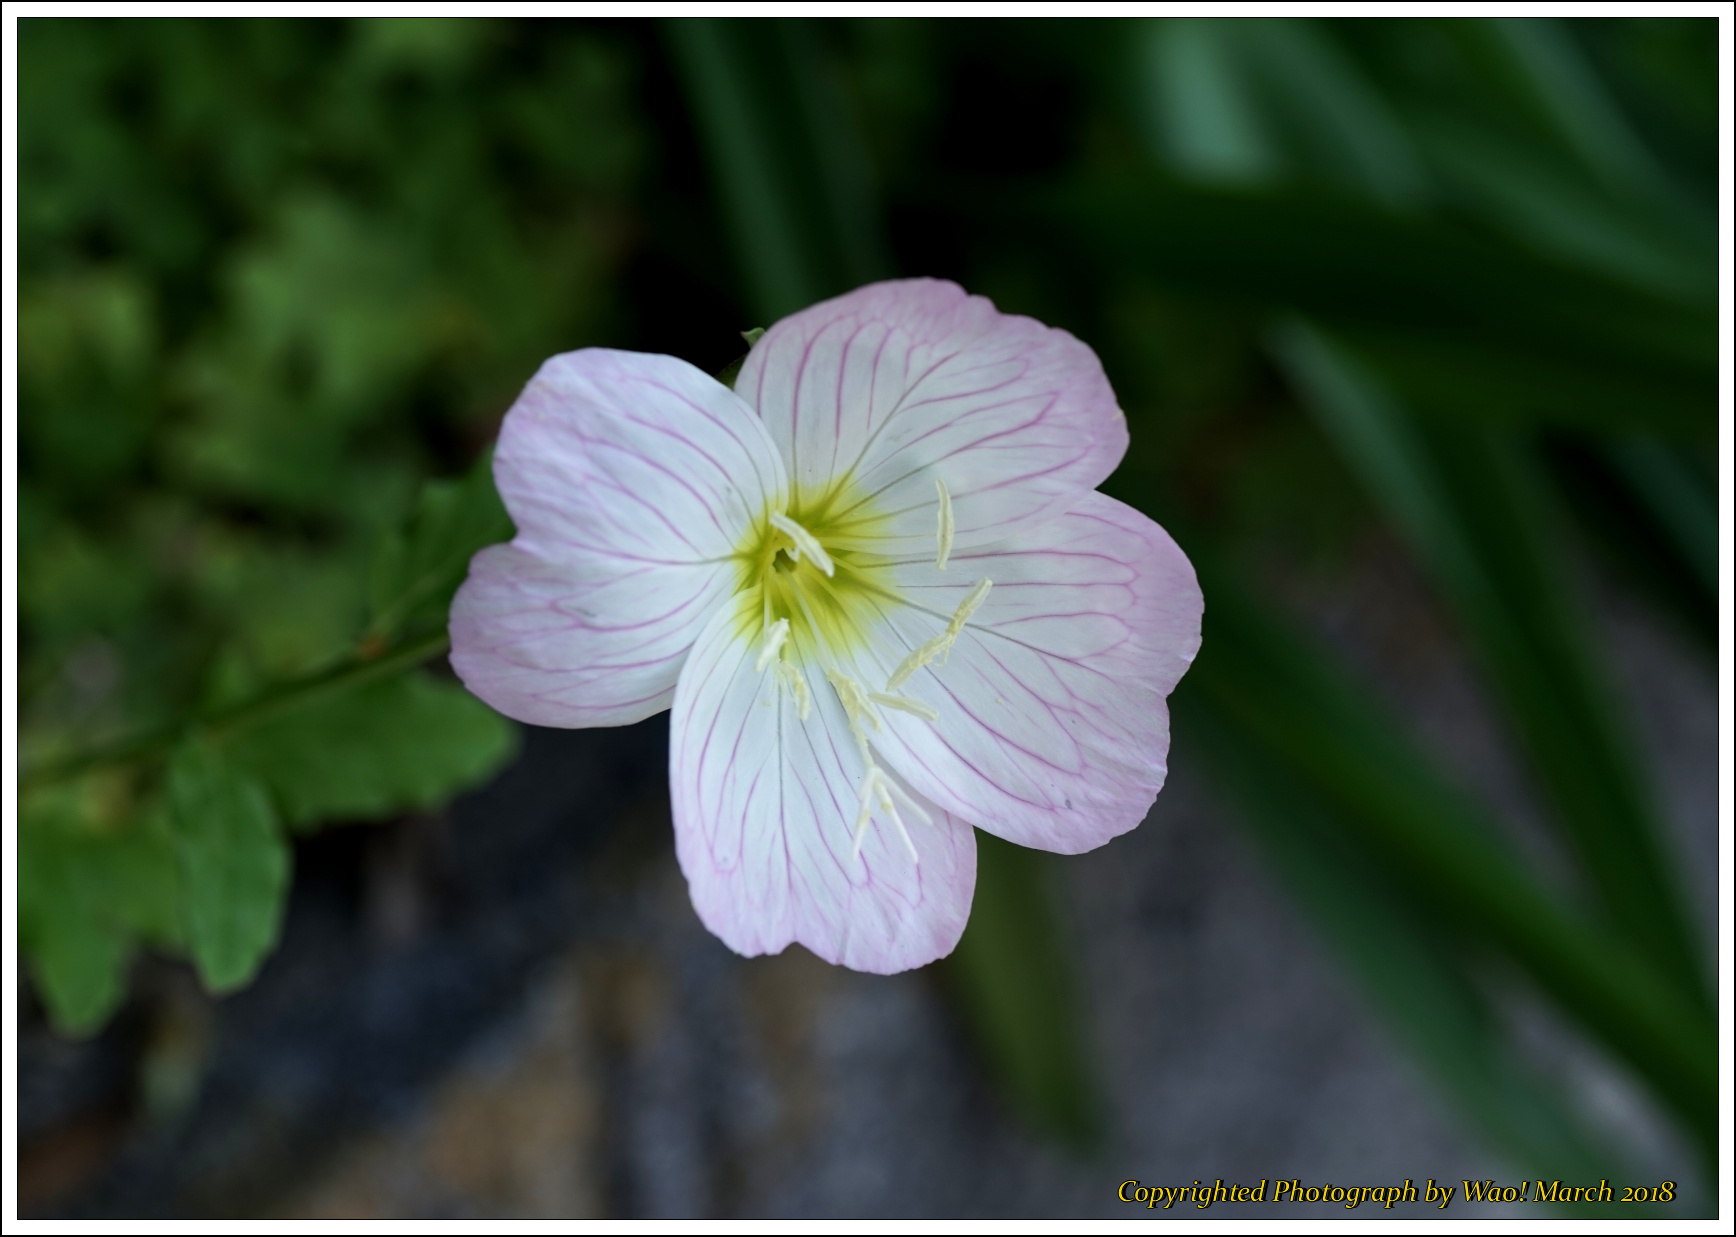 庭に咲く花 -1_c0198669_17404920.jpg